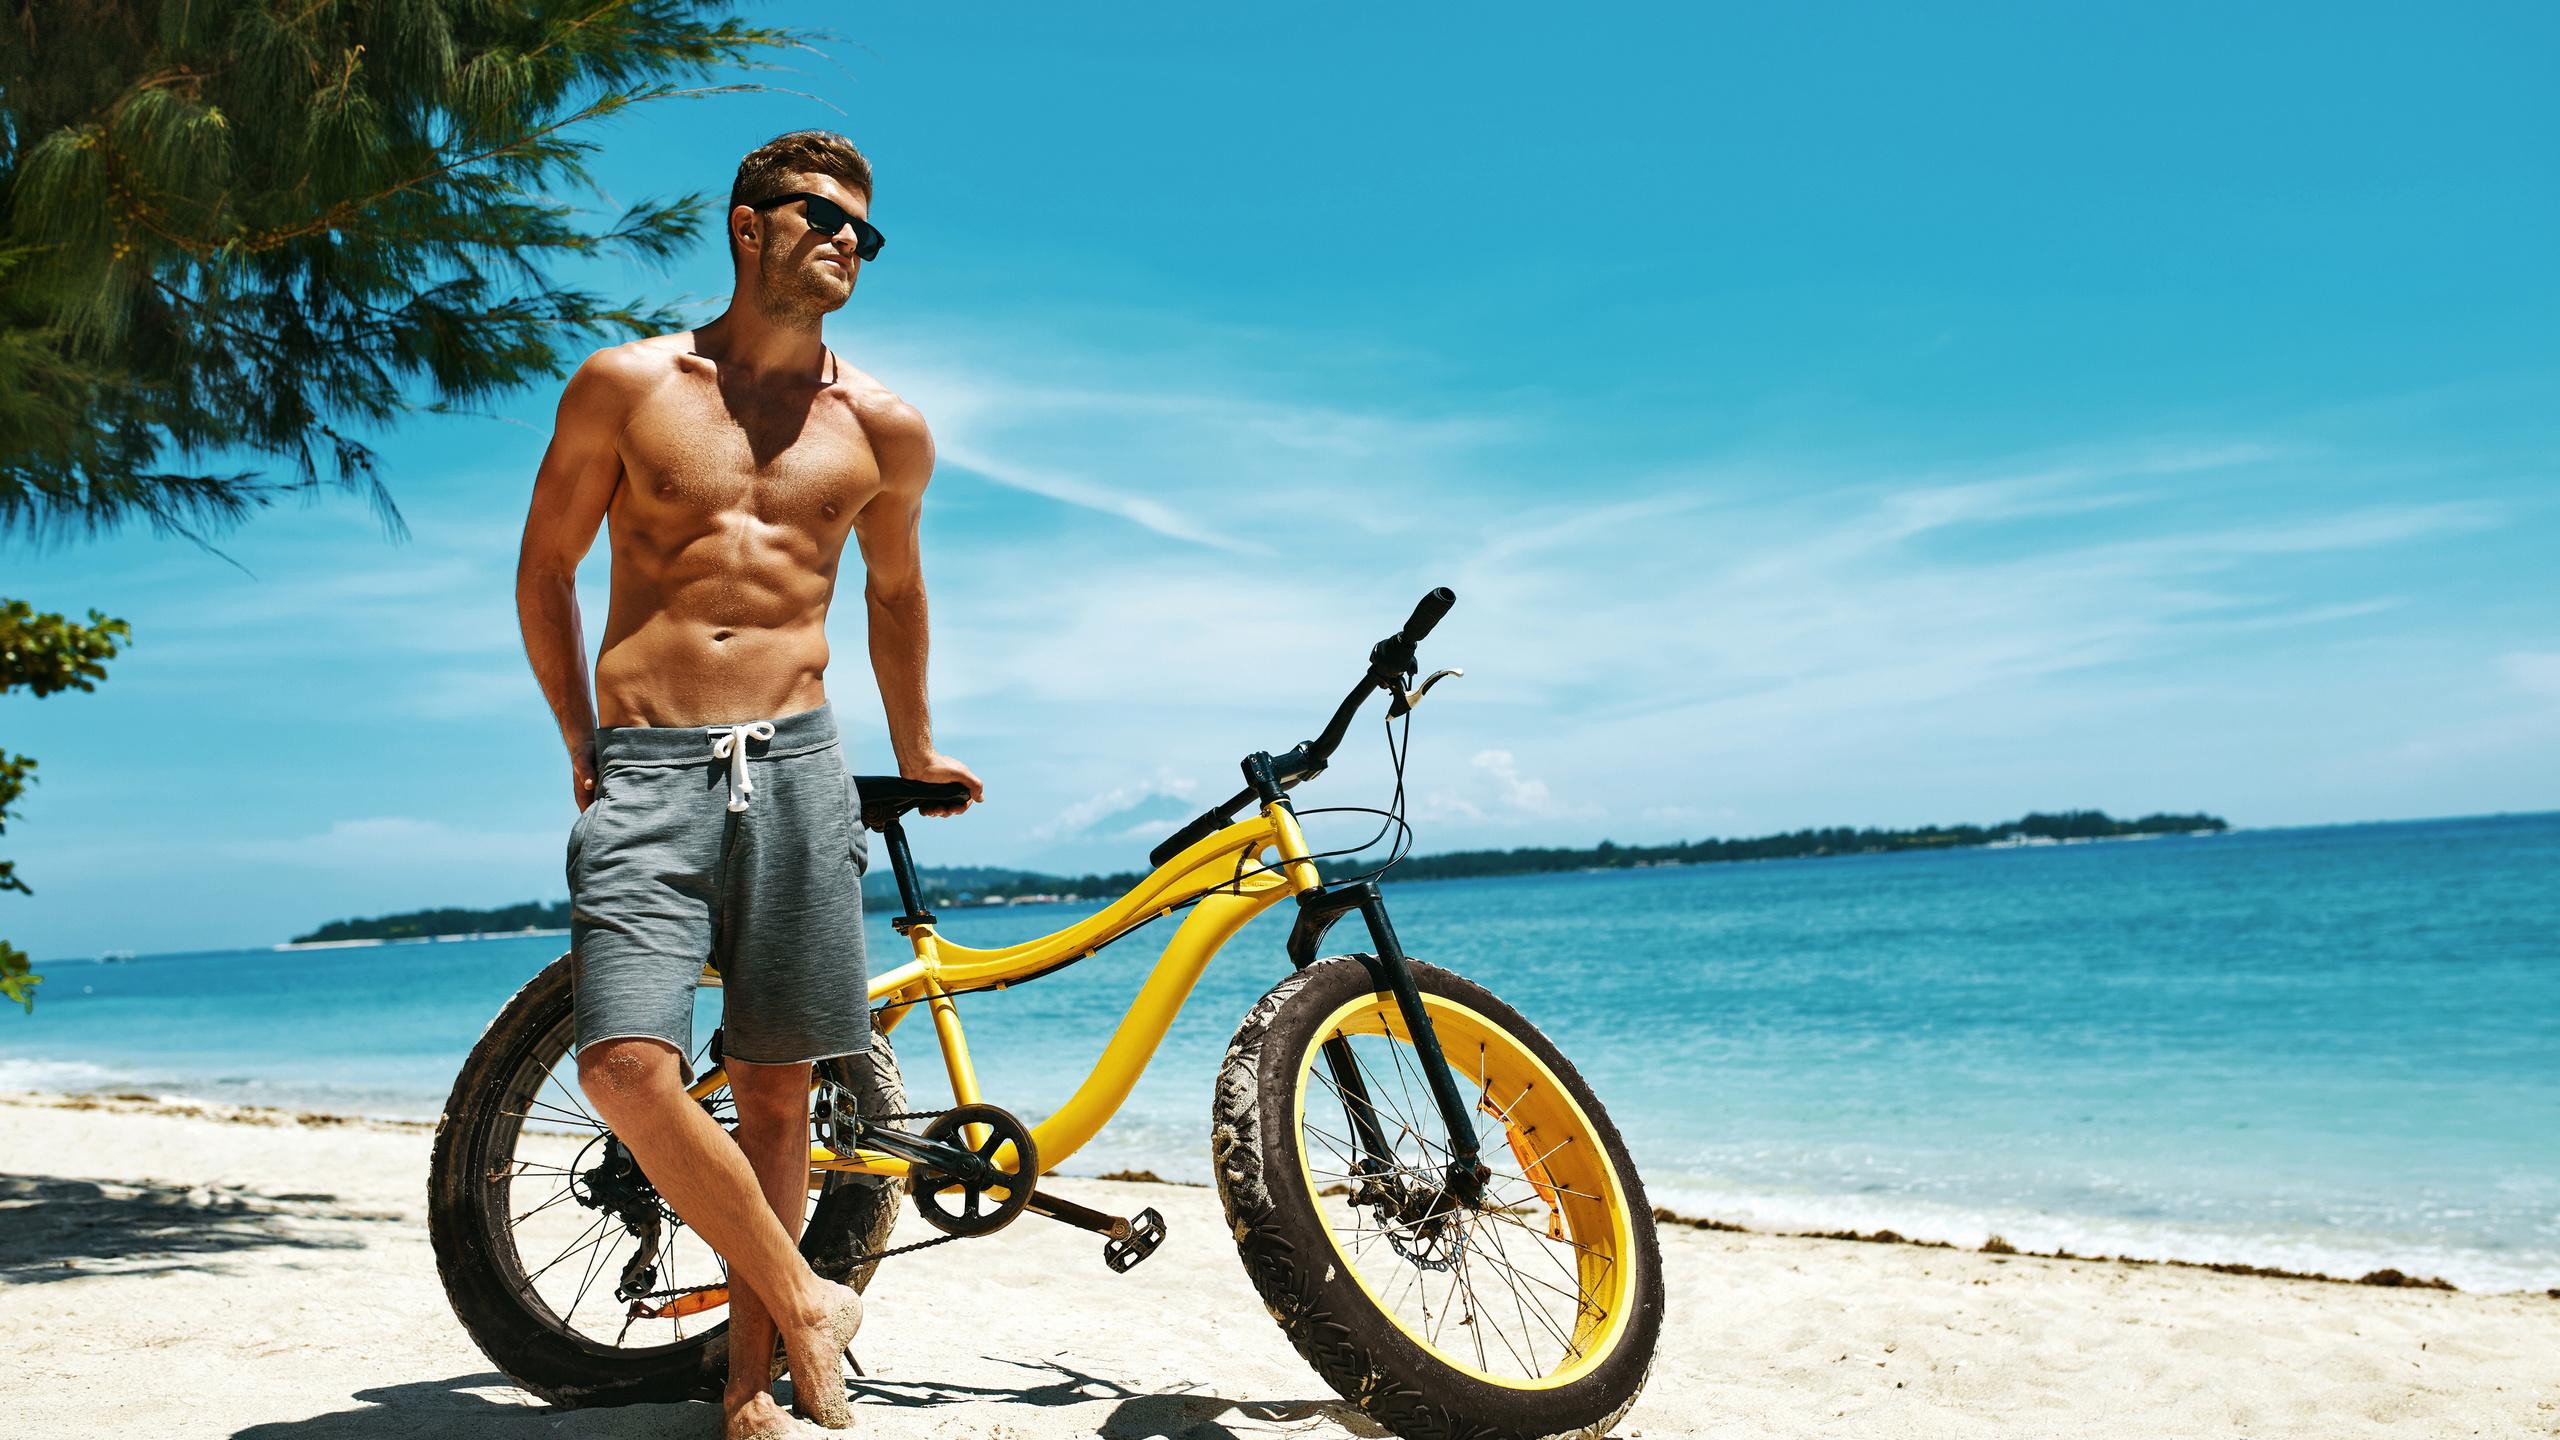 парень, пляж, велосипед, море